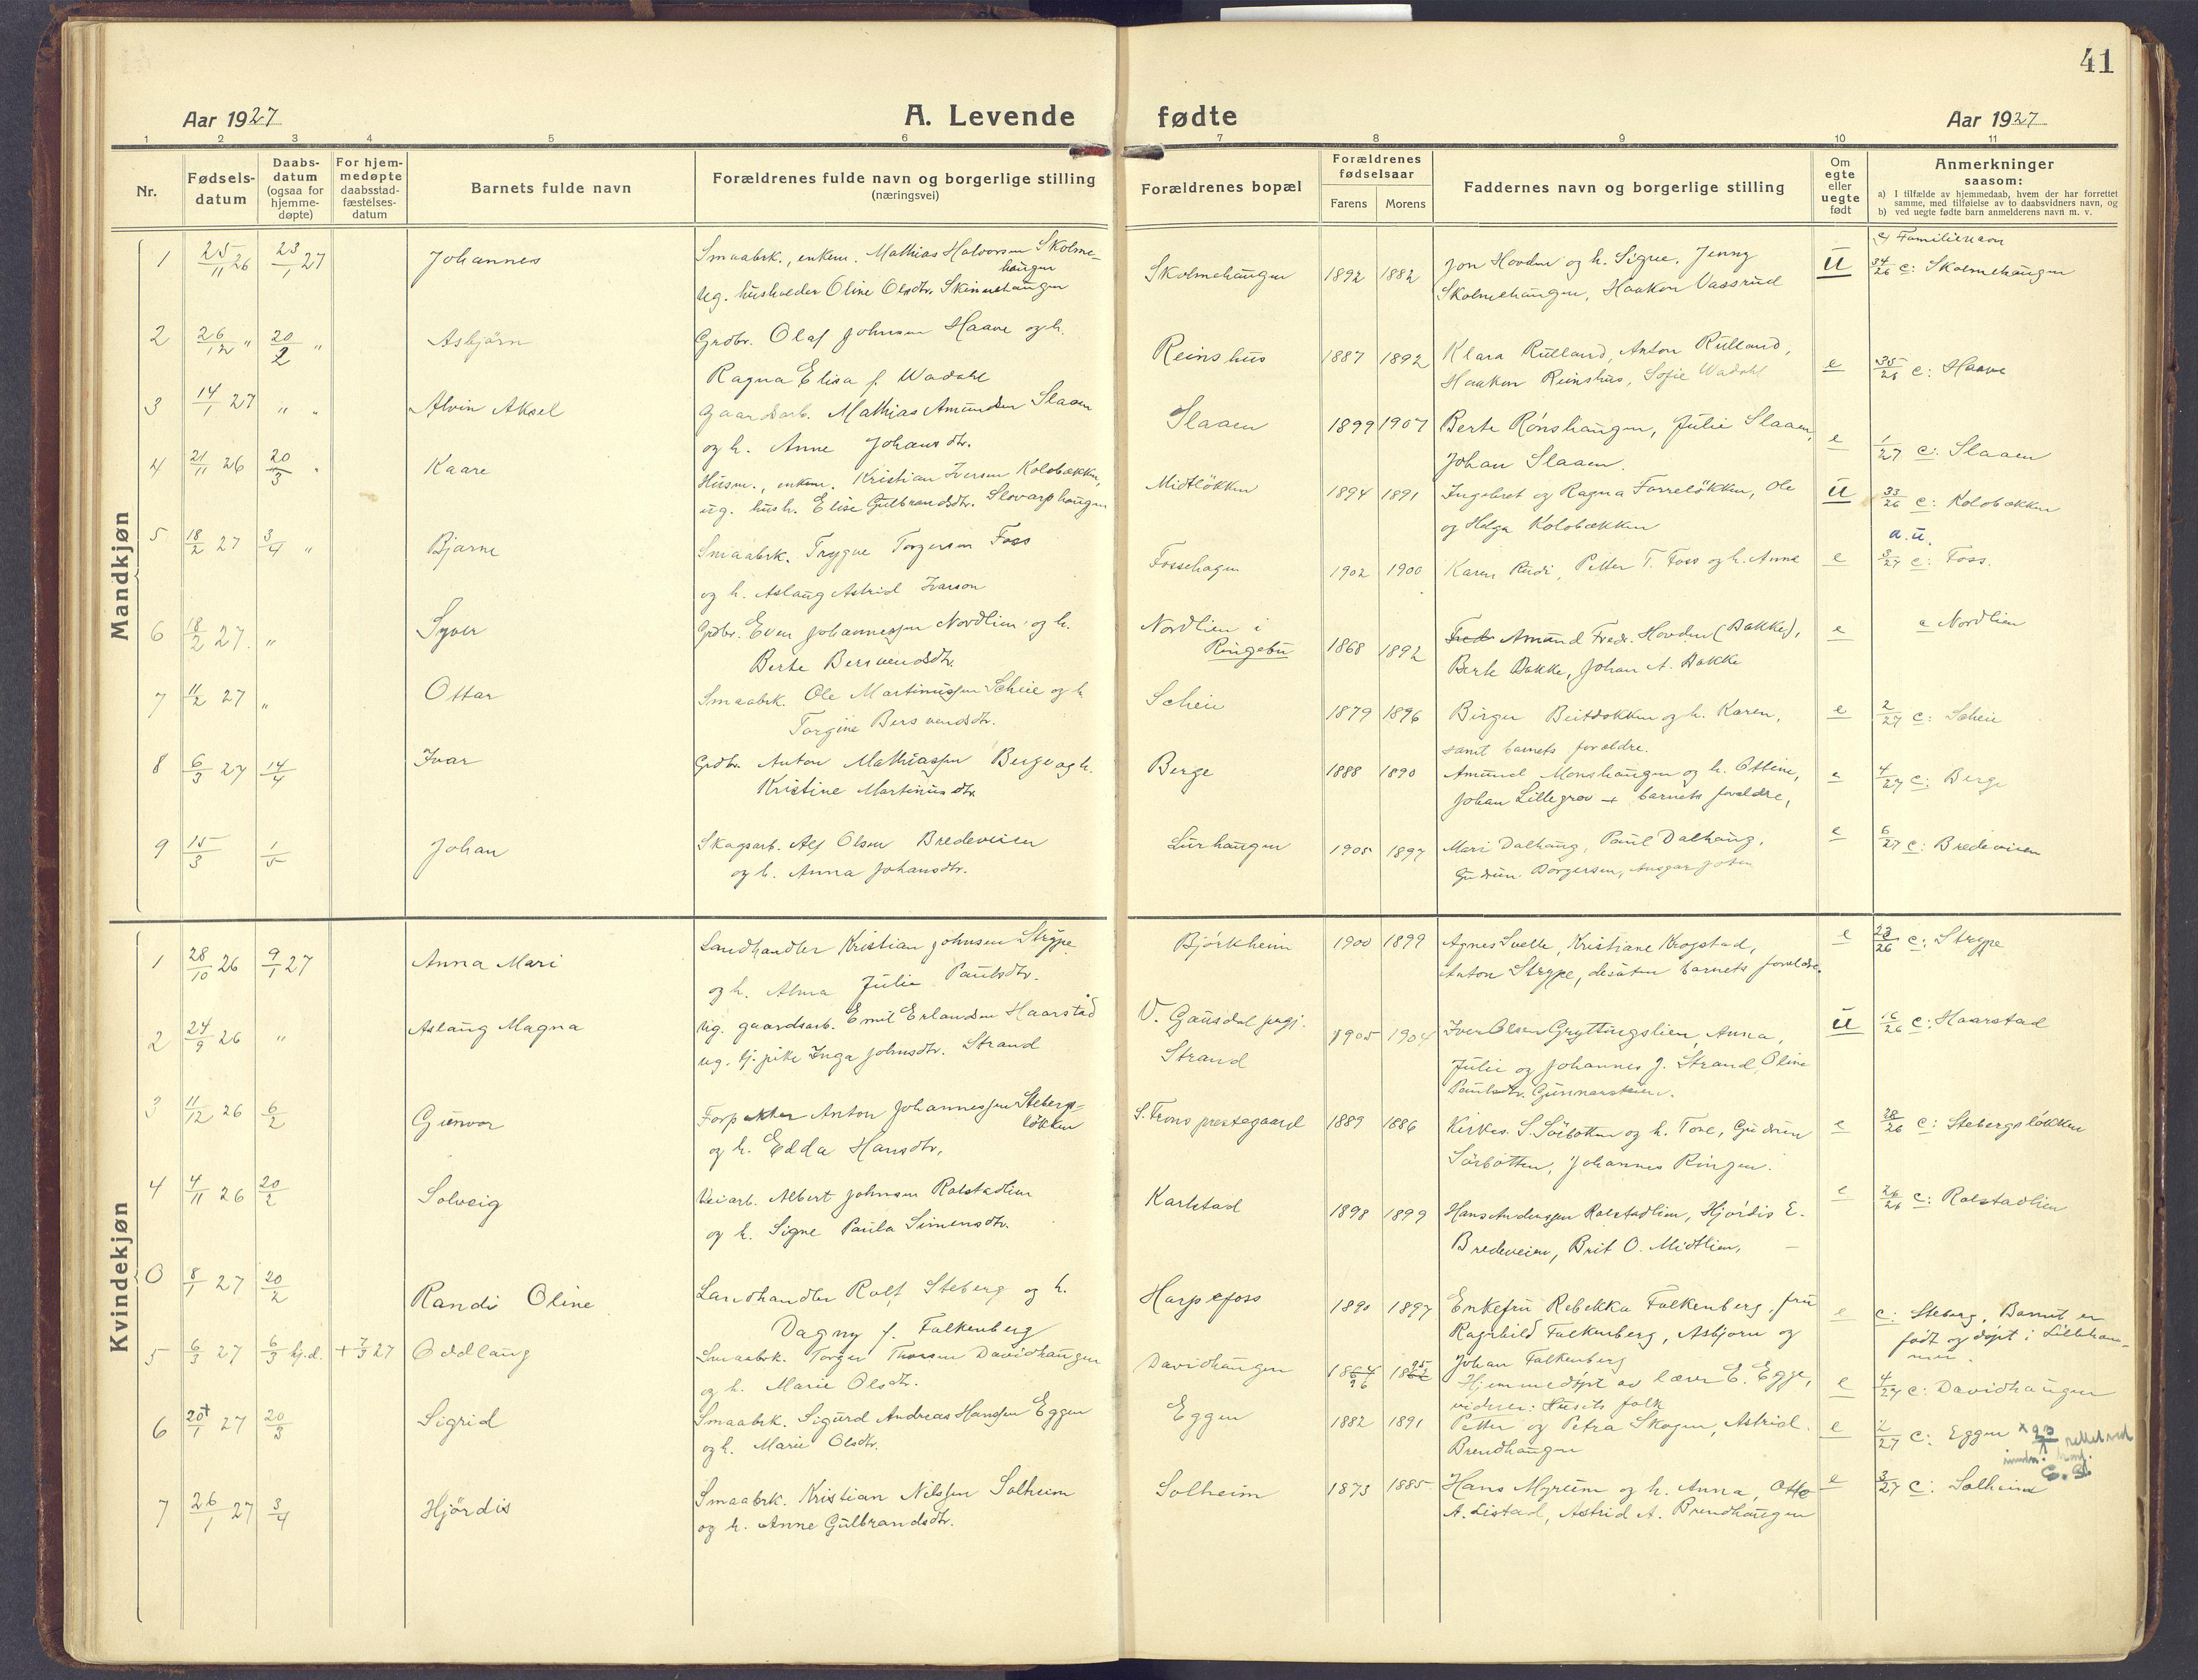 SAH, Sør-Fron prestekontor, H/Ha/Haa/L0005: Ministerialbok nr. 5, 1920-1933, s. 41